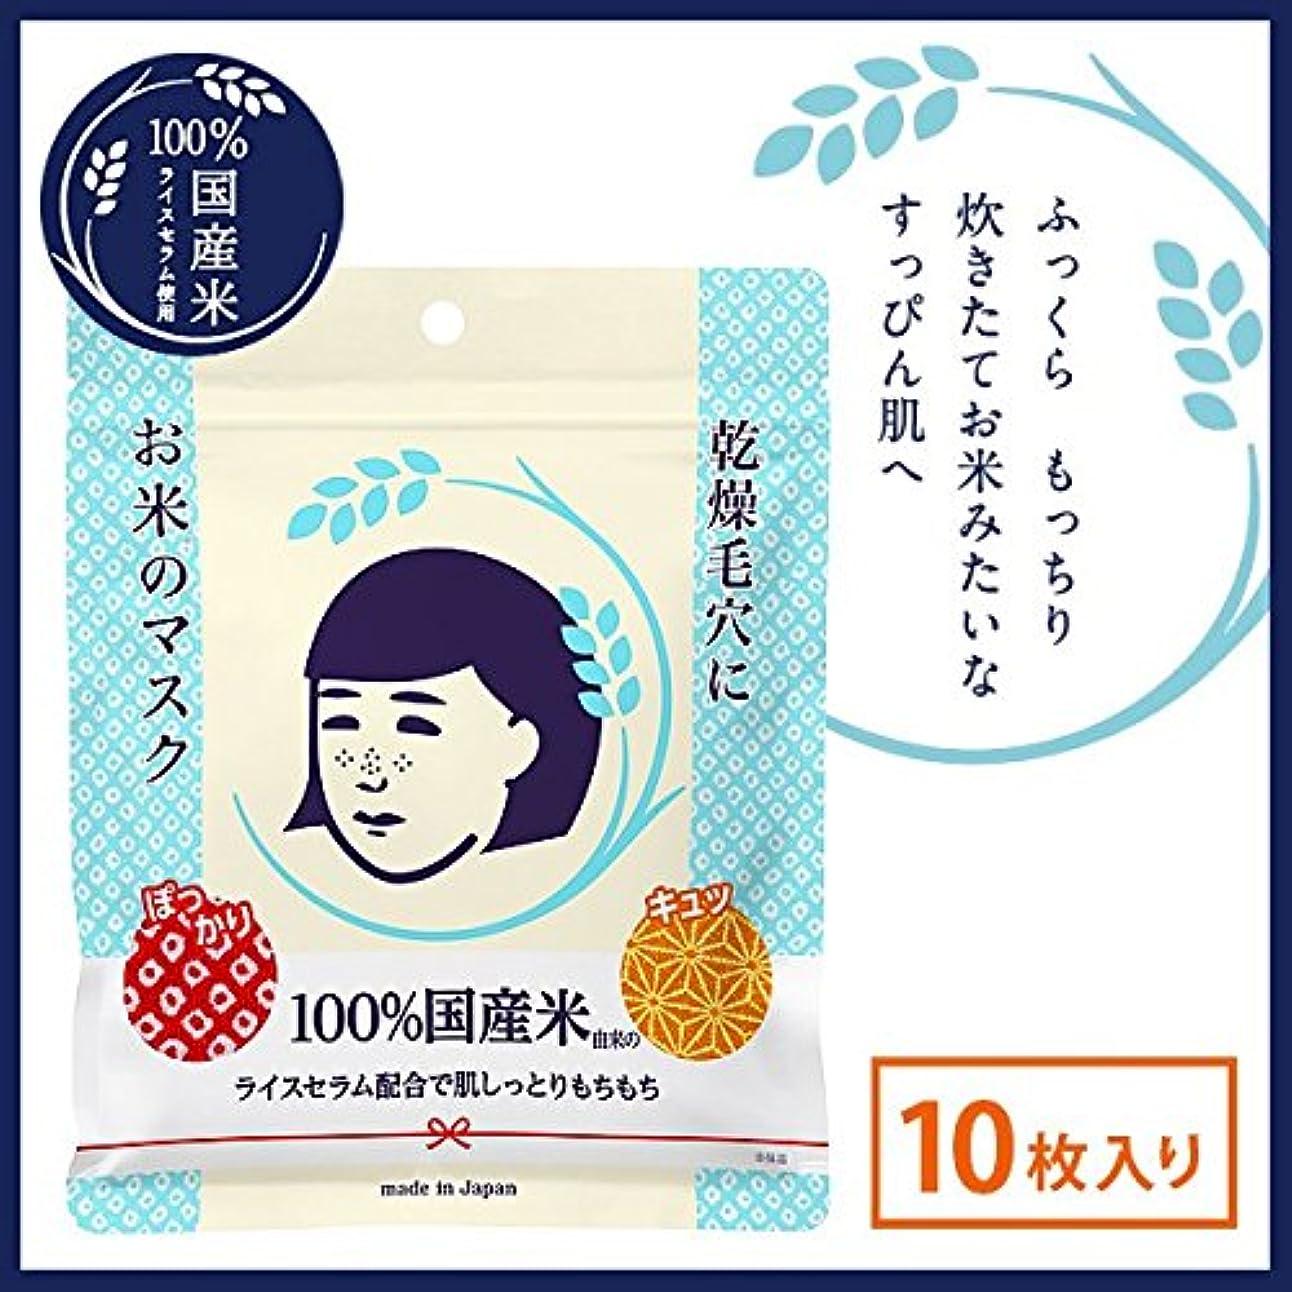 ズーム不道徳アクセント毛穴撫子 お米のマスク(10枚入/袋) 48袋入りケース